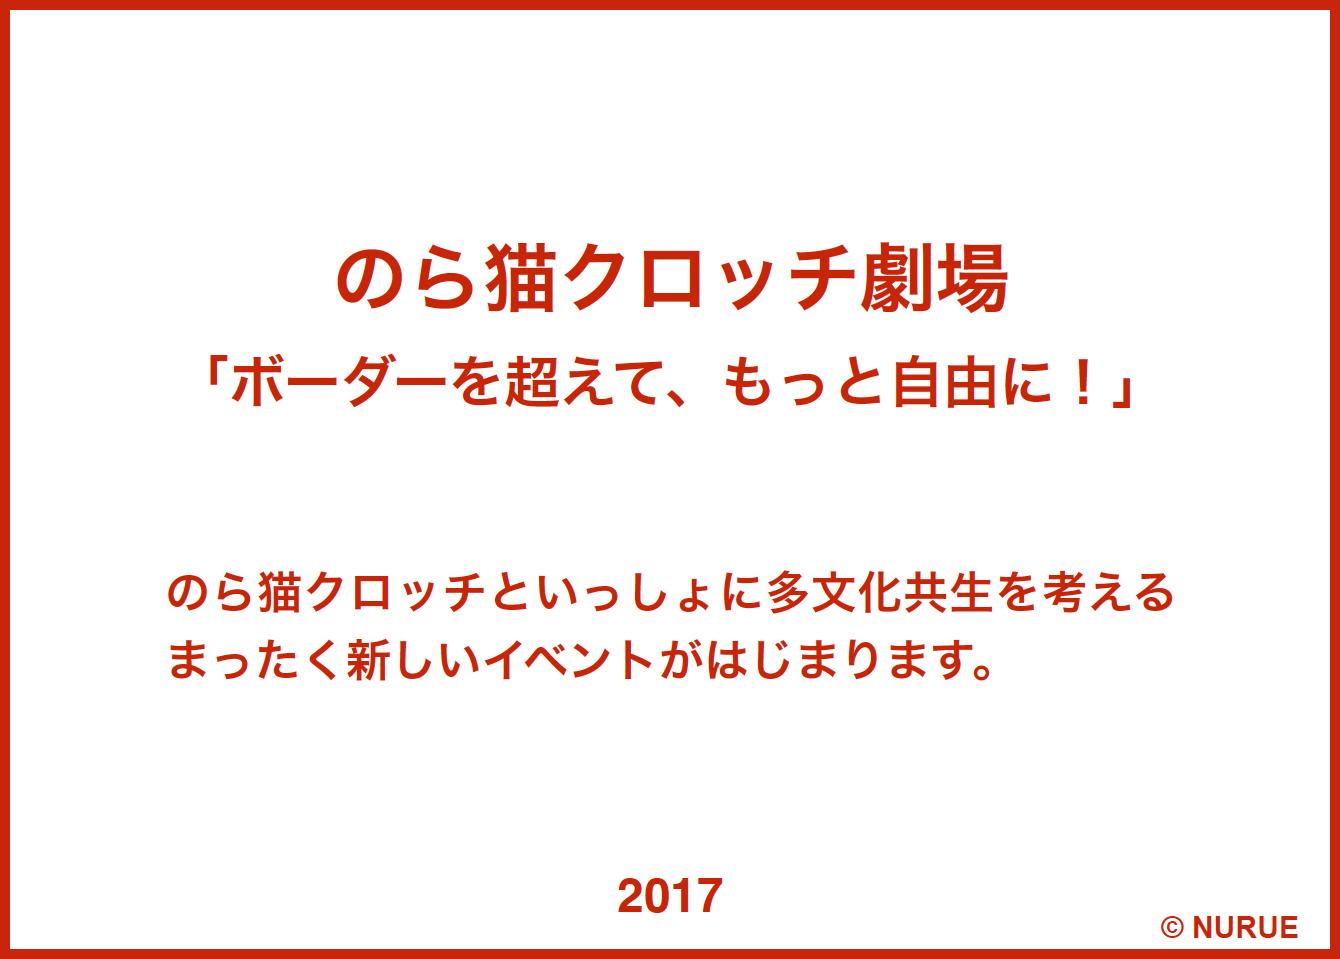 日本語劇「のら猫クロッチ」で国際交流!_f0193056_16023200.jpg